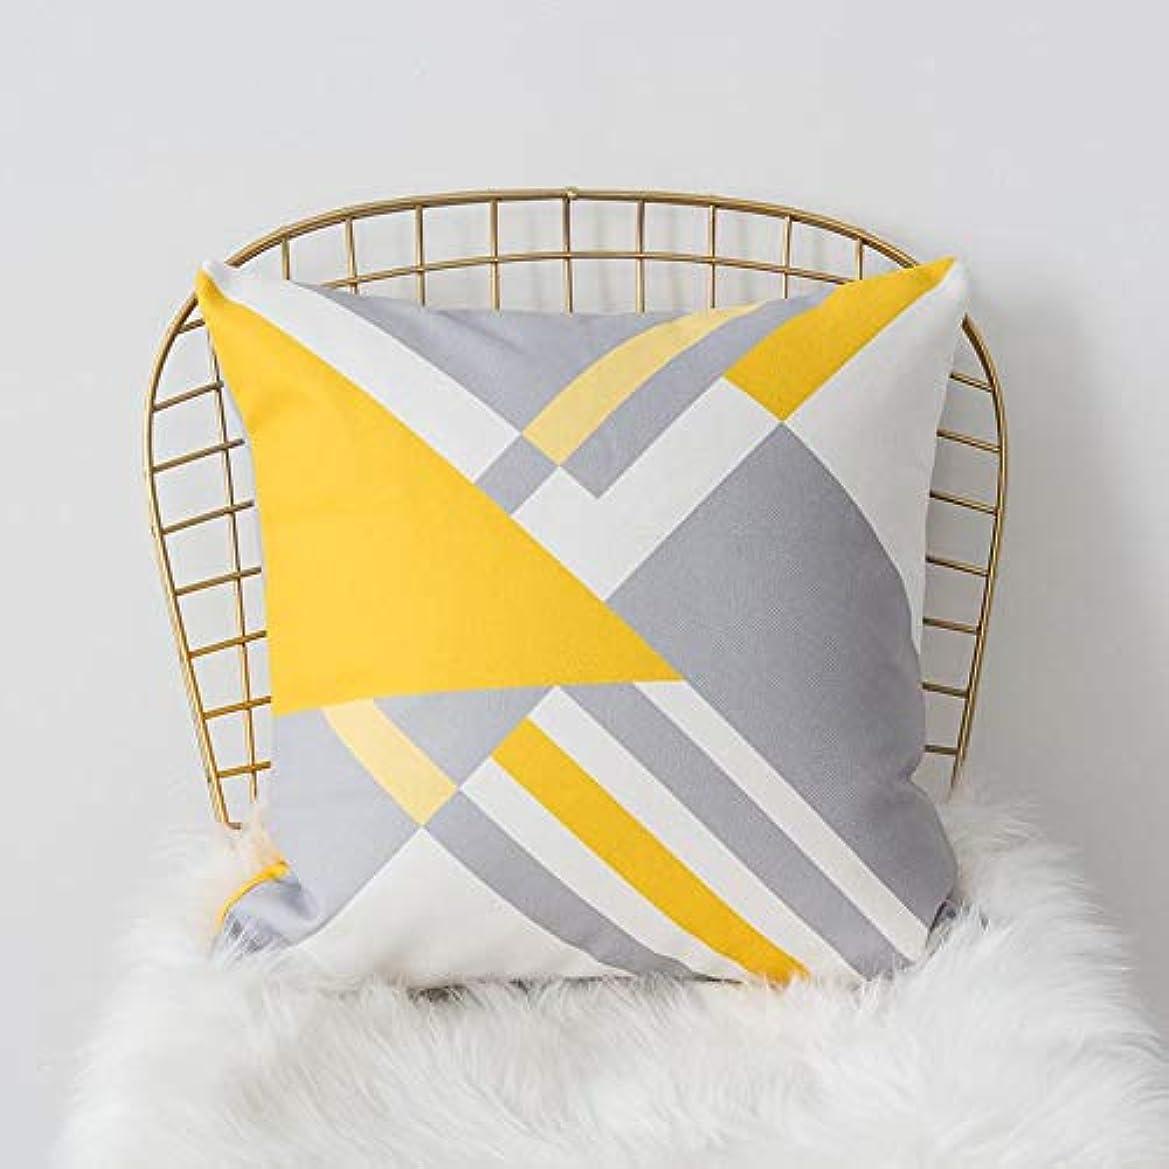 鉄いう脚本家LIFE 黄色グレー枕北欧スタイル黄色ヘラジカ幾何枕リビングルームのインテリアソファクッション Cojines 装飾良質 クッション 椅子